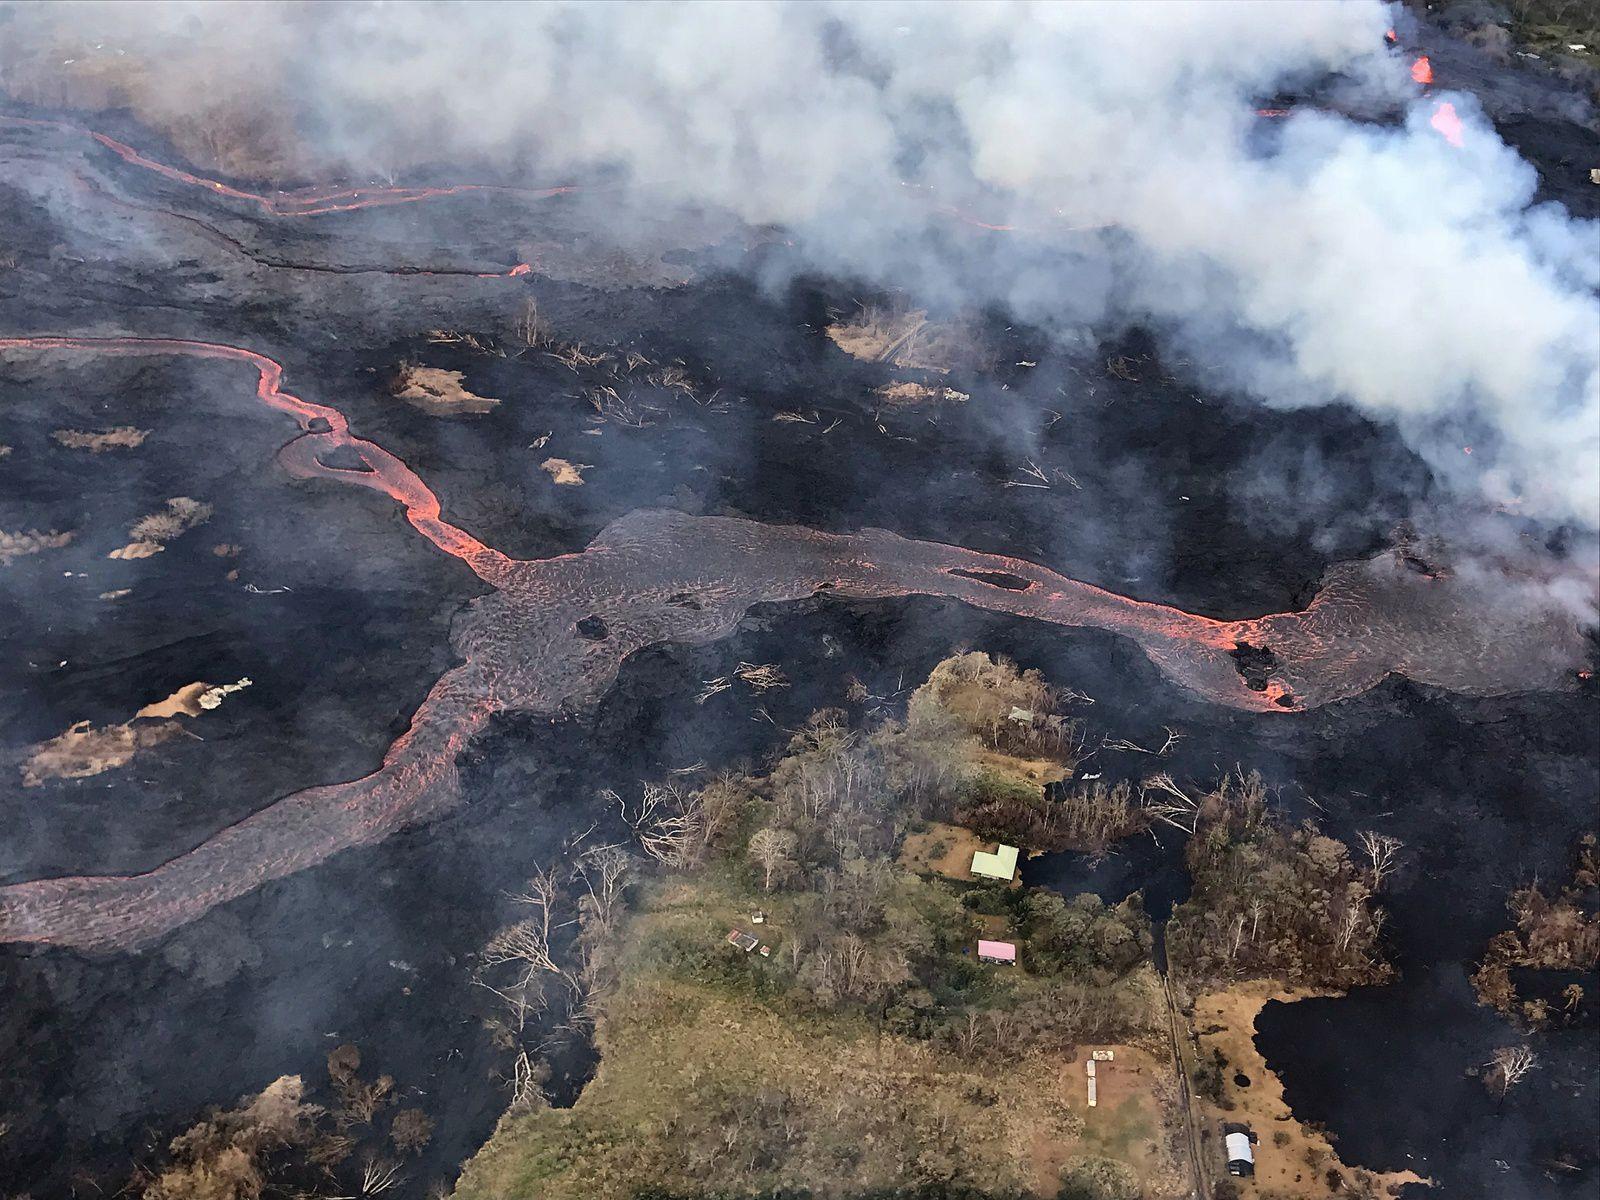 Kilauea zone de rift Est - 23.05.2018 : coulées de lave au départ de la fissure 22 peu visible sur cette photo  de l'HVO